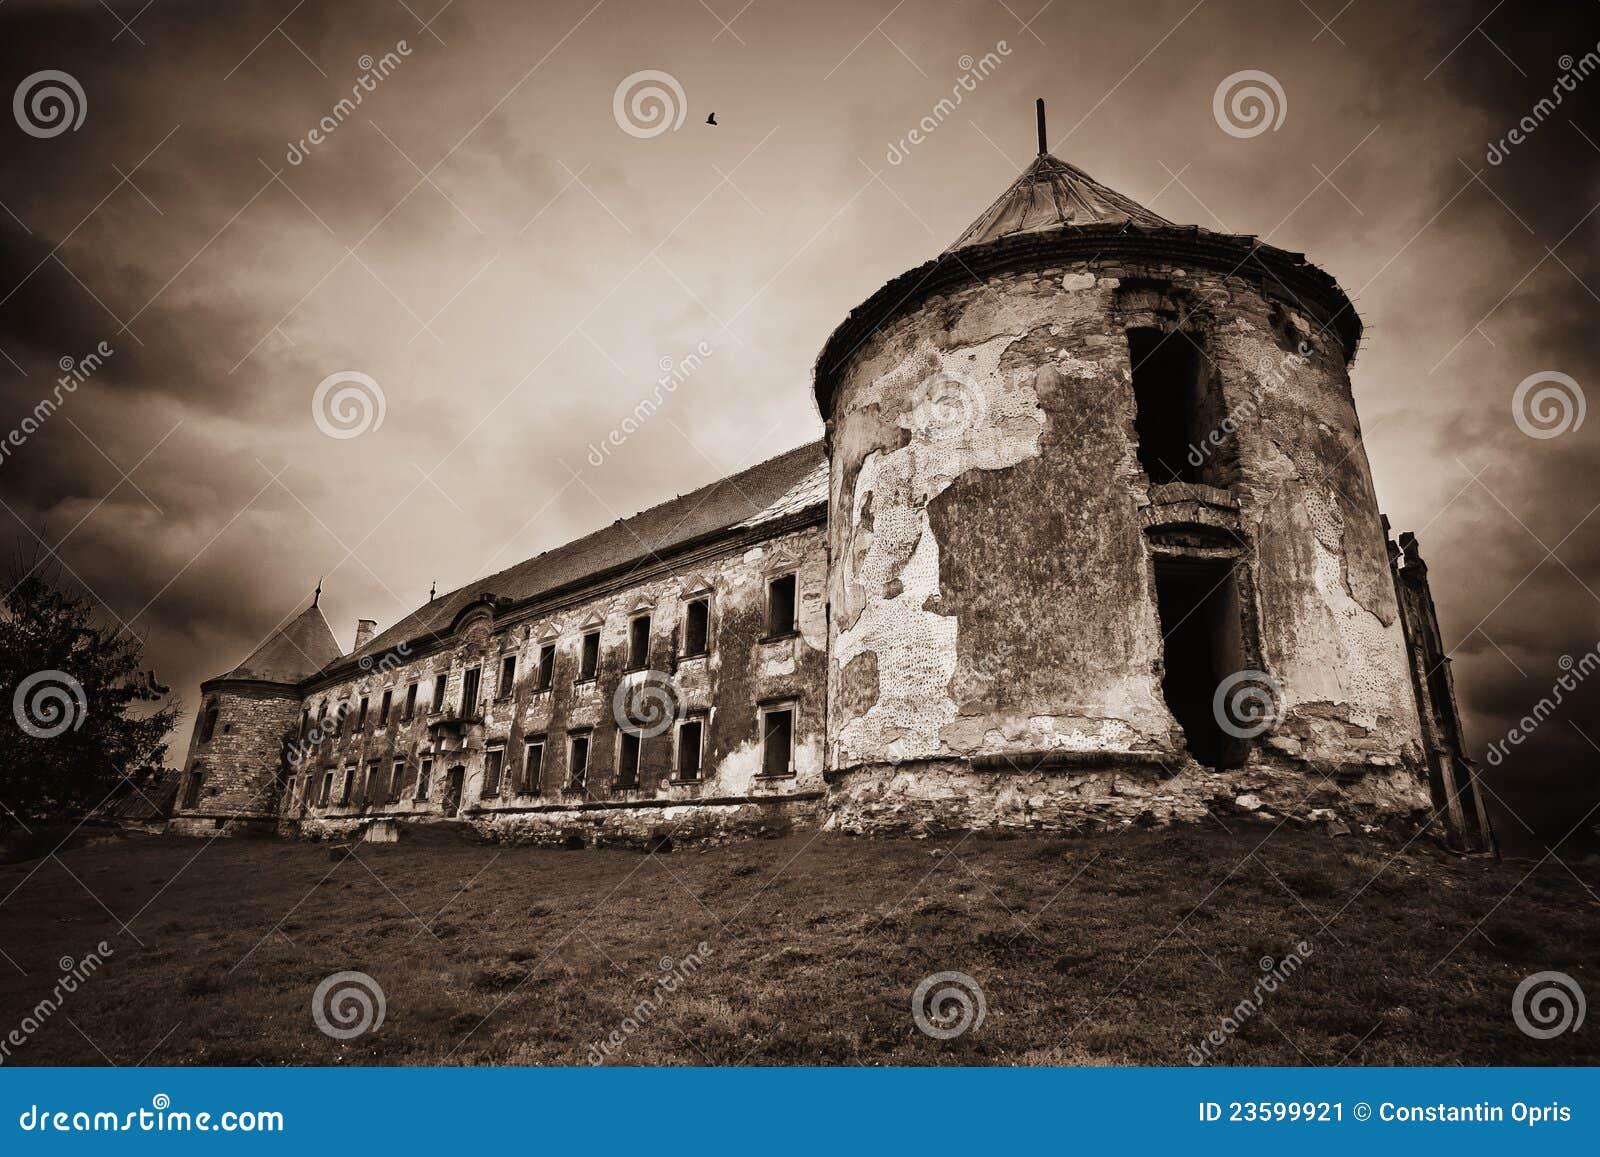 Dark haunted castle